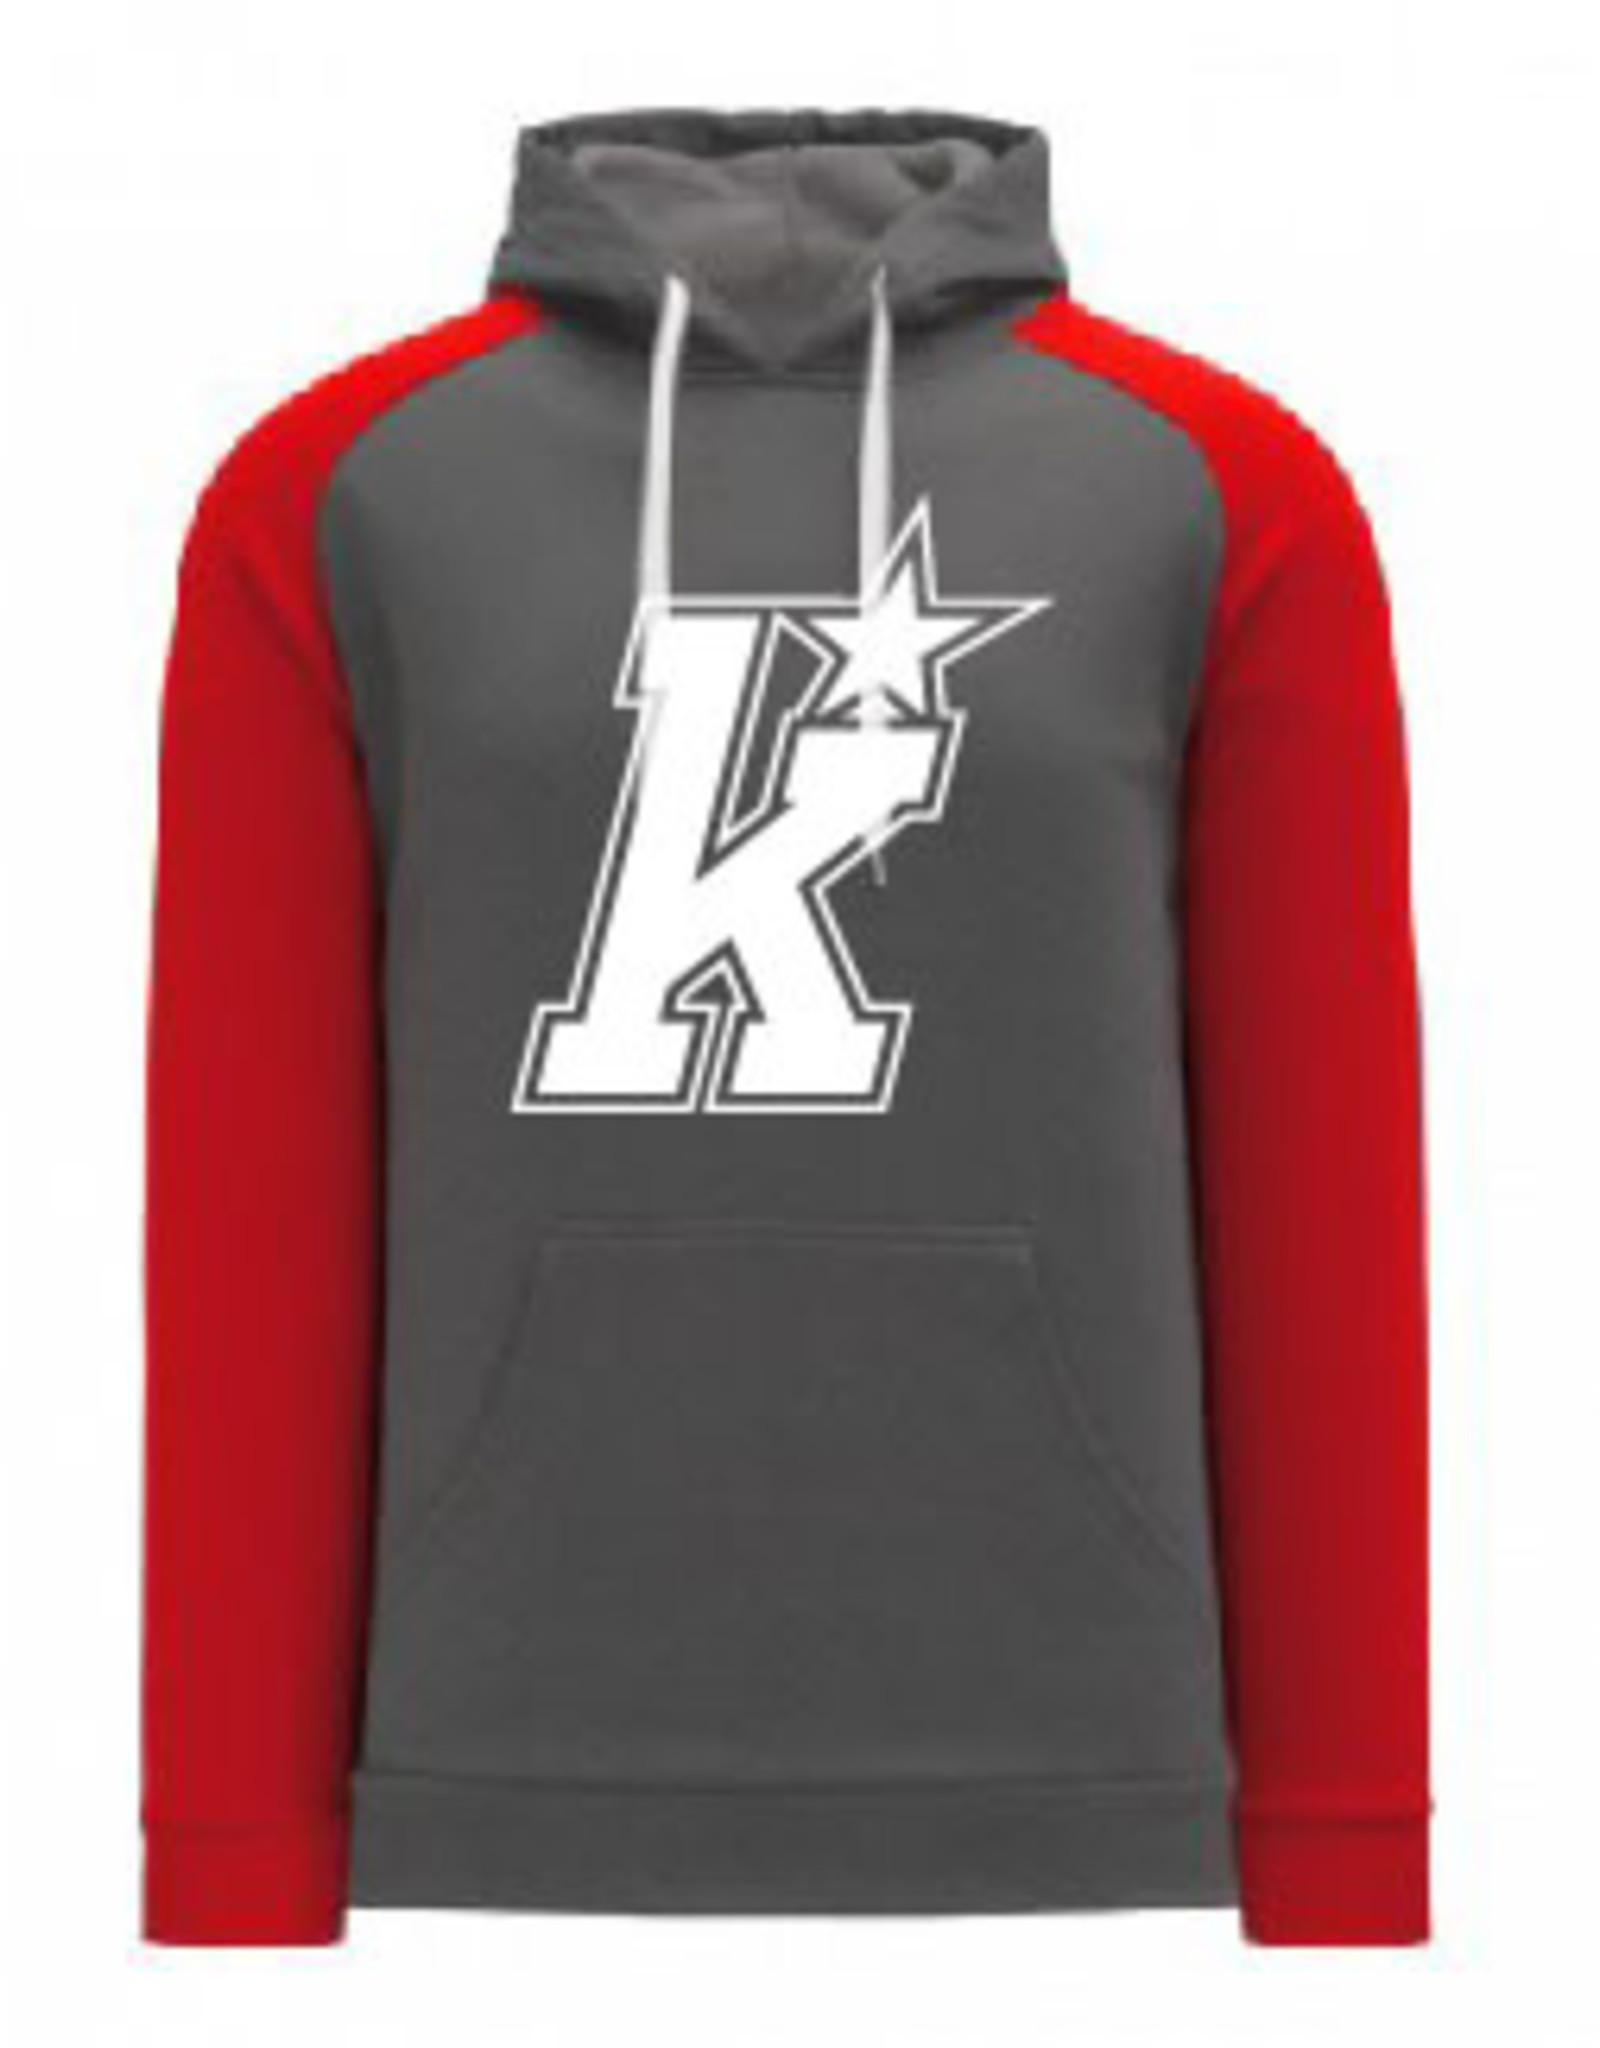 AK Kirkwood Grey/Red Hoody (ADULT)